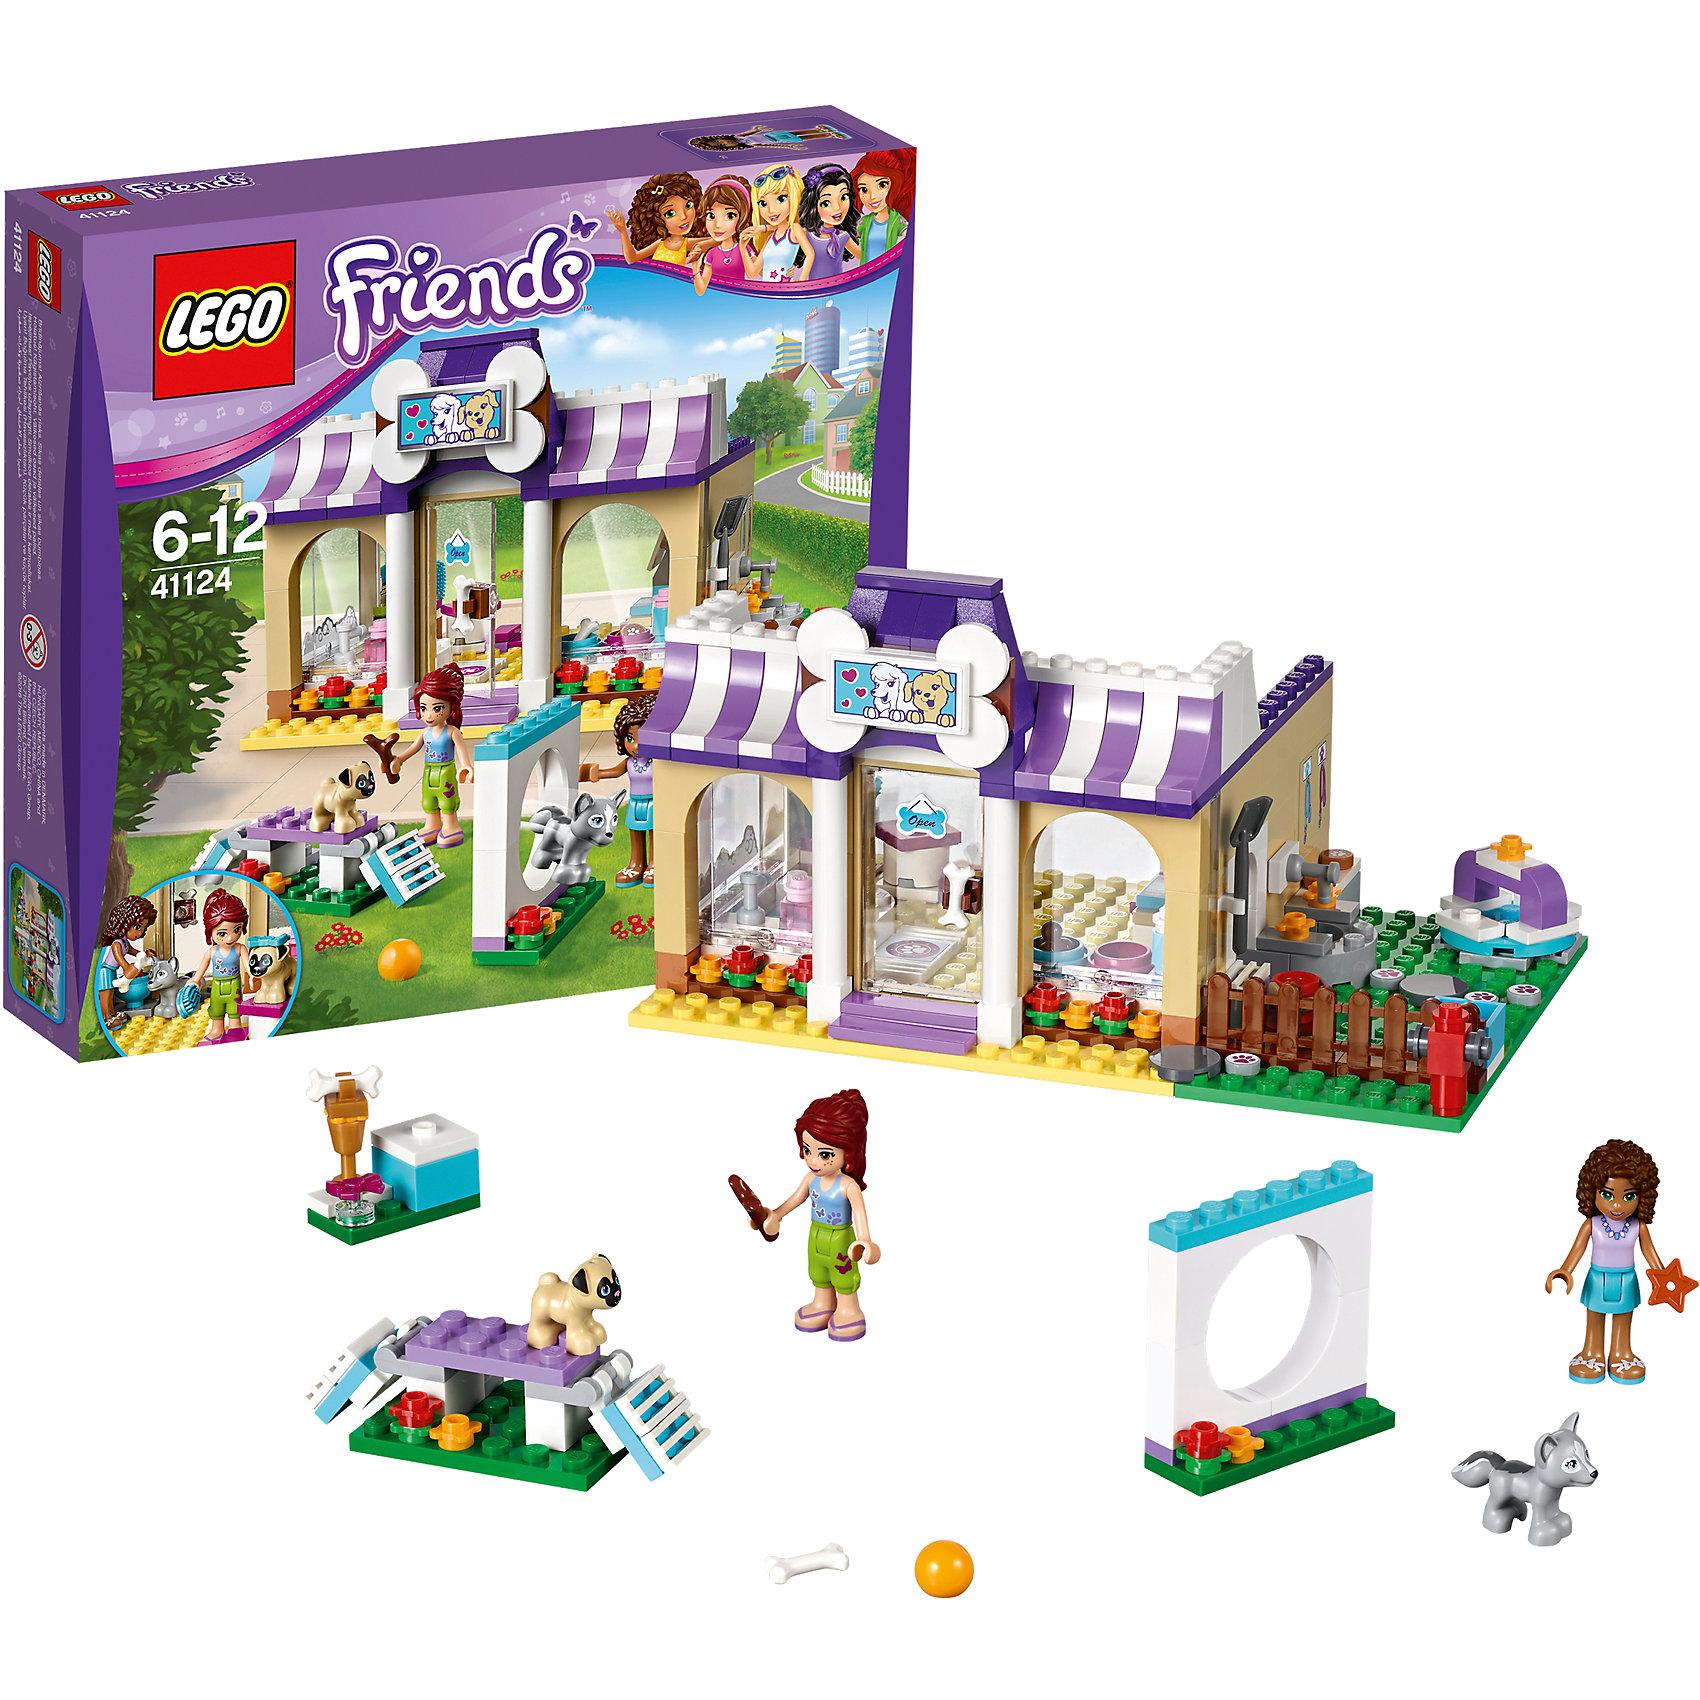 LEGO Friends 41124: Детский сад для щенковПластмассовые конструкторы<br>Конструкторы из серии LEGO Friends полюбились многим современным девочкам, поэтому набор Лего, из которого можно собрать разные сюжеты про героев и её приключения, обязательно порадует ребенка. Такие игрушки помогают детям развивать воображение, мелкую моторику, логику и творческое мышление.<br>Набор состоит из множества деталей, с помощью которых можно  собрать декорации для игр, а также в нем есть фигурки любимых персонажей! С таким комплектом можно придумать множество игр!<br><br>Дополнительная информация:<br><br>цвет: разноцветный;<br>размер коробки: 28 x 28 x 5 см;<br>вес: 500 г;<br>материал: пластик;<br>количество деталей: 286.<br><br>Набор Детский сад для щенков от бренда LEGO Friends можно купить в нашем магазине.<br><br>Ширина мм: 281<br>Глубина мм: 261<br>Высота мм: 60<br>Вес г: 498<br>Возраст от месяцев: 72<br>Возраст до месяцев: 144<br>Пол: Женский<br>Возраст: Детский<br>SKU: 4641216